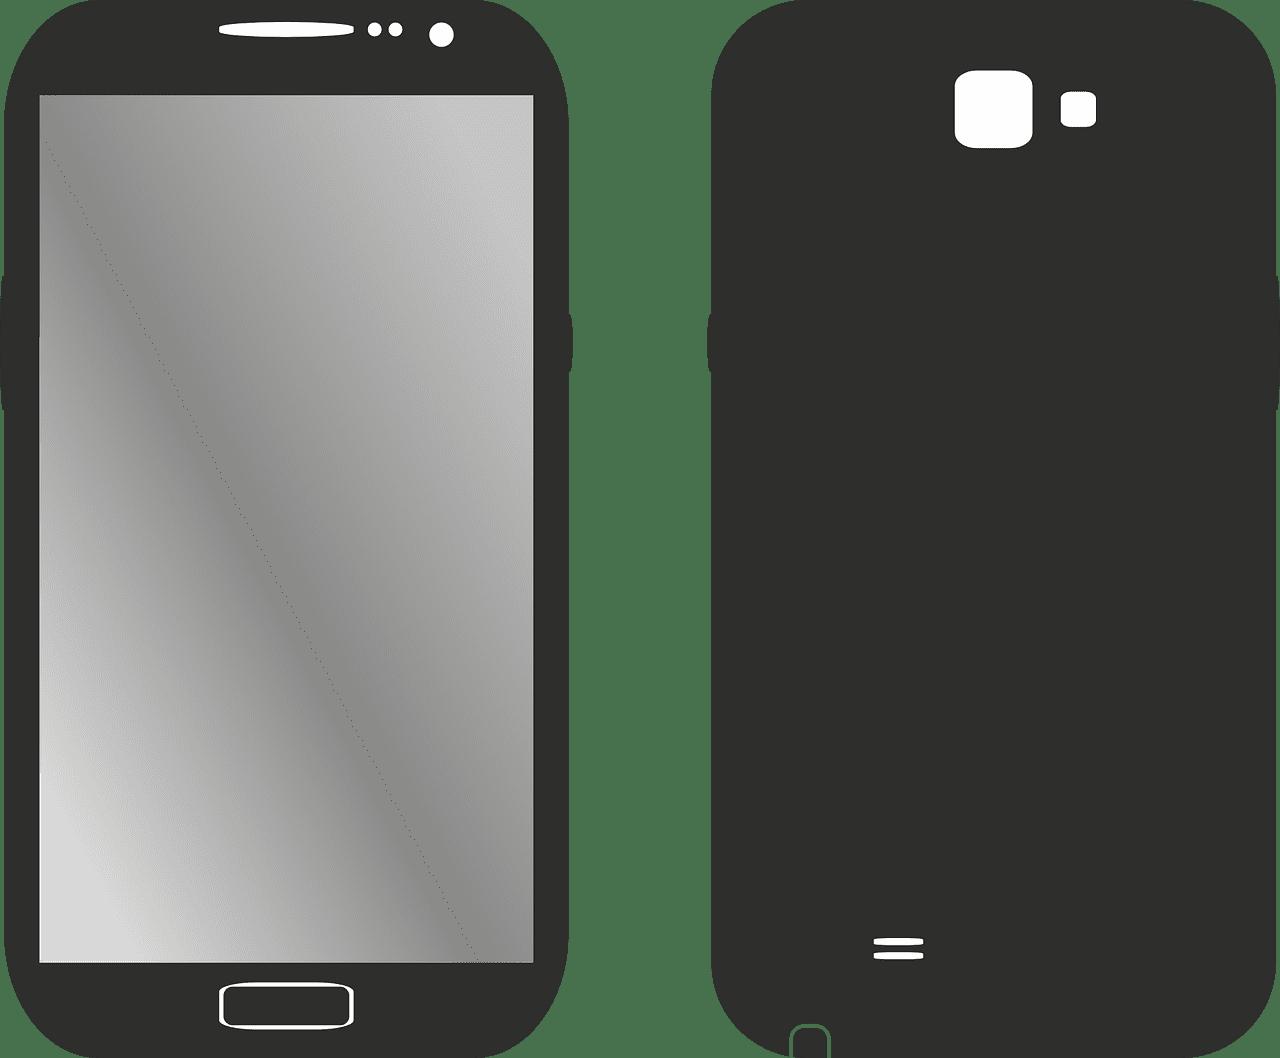 Aplicaciones de Android Gratis